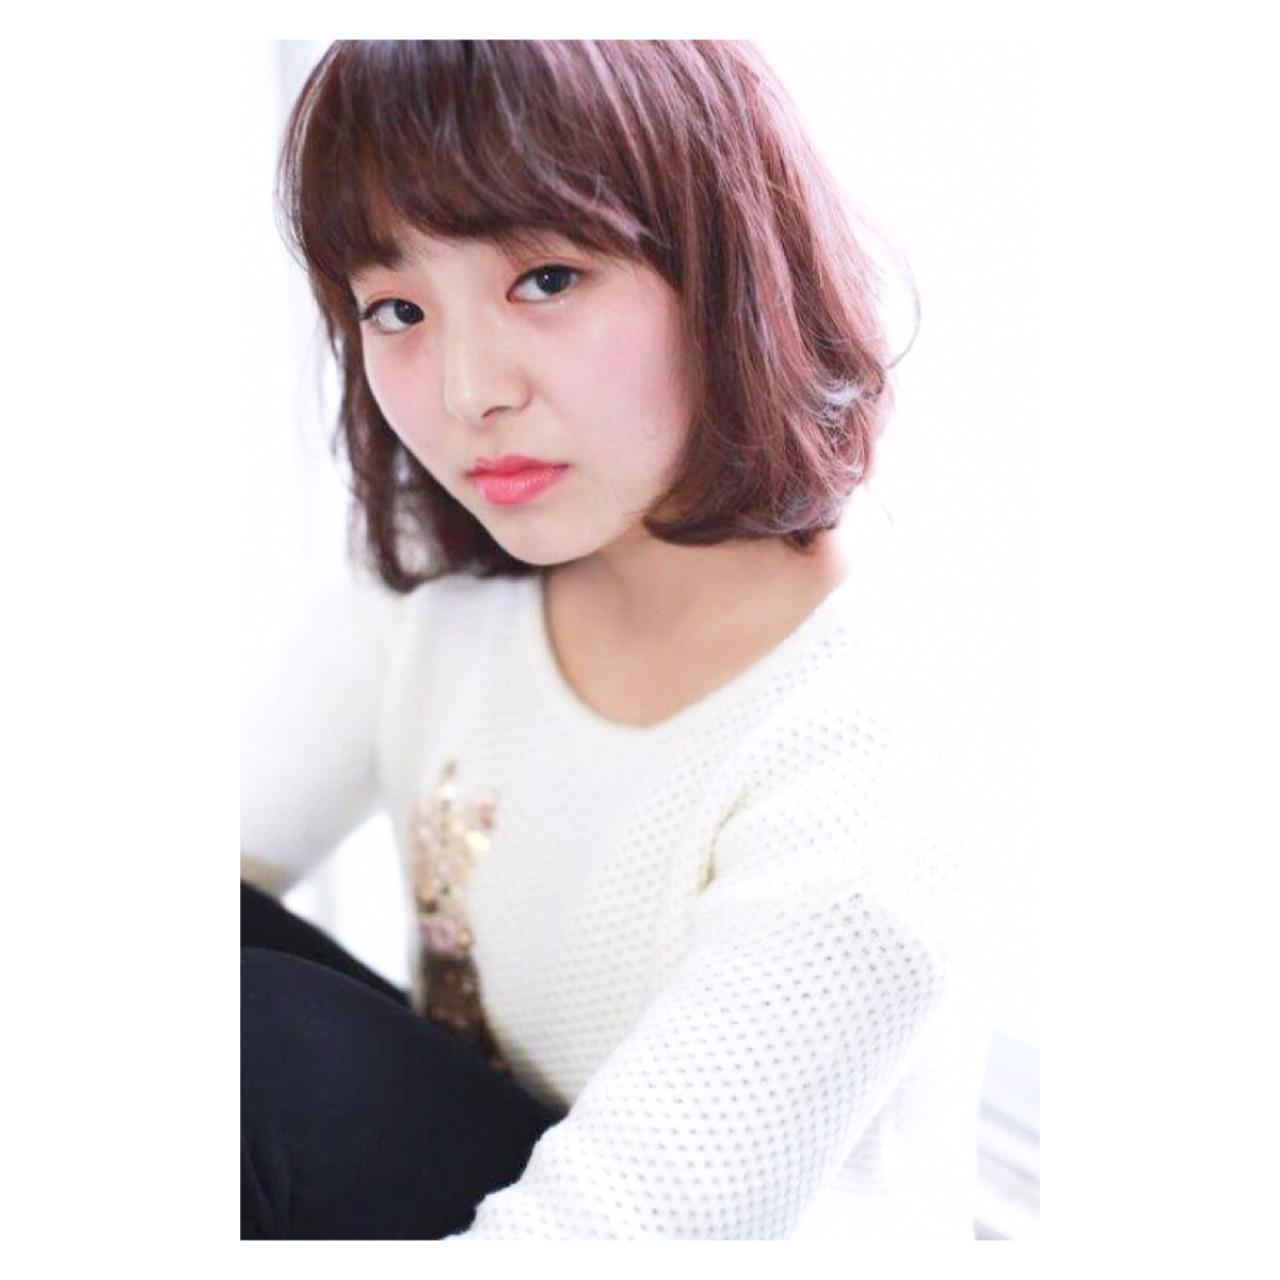 ベリーピンク ボブ ピンク ニュアンス ヘアスタイルや髪型の写真・画像   Yumi Hiramatsu / Sourire Imaizumi【スーリール イマイズミ】